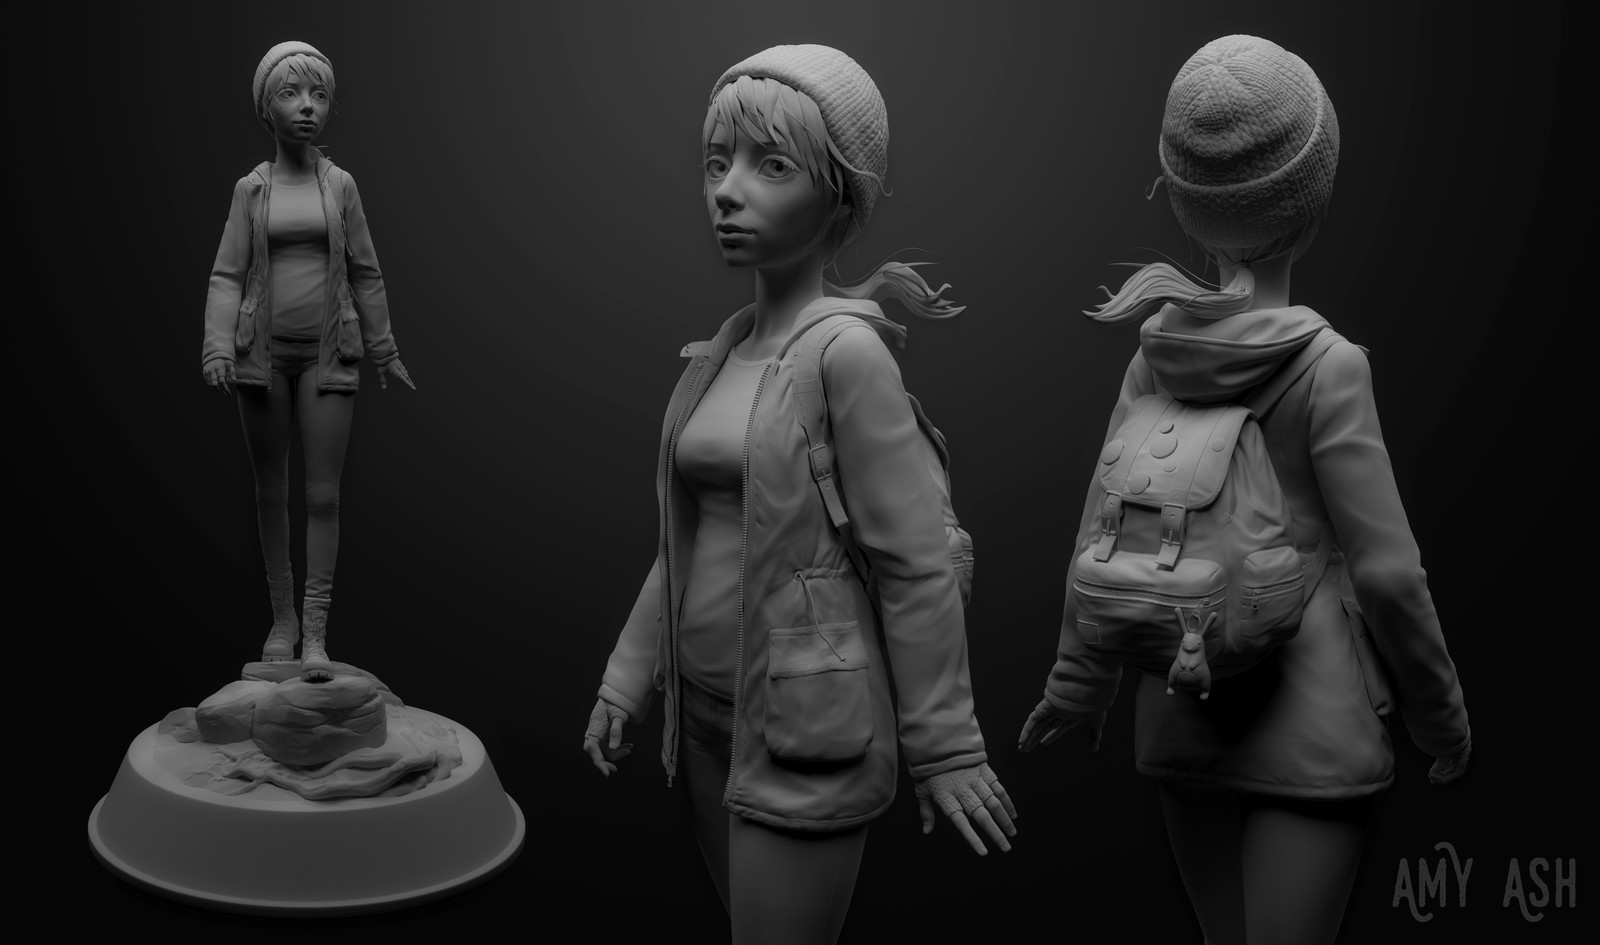 Hiker character concept sculpt